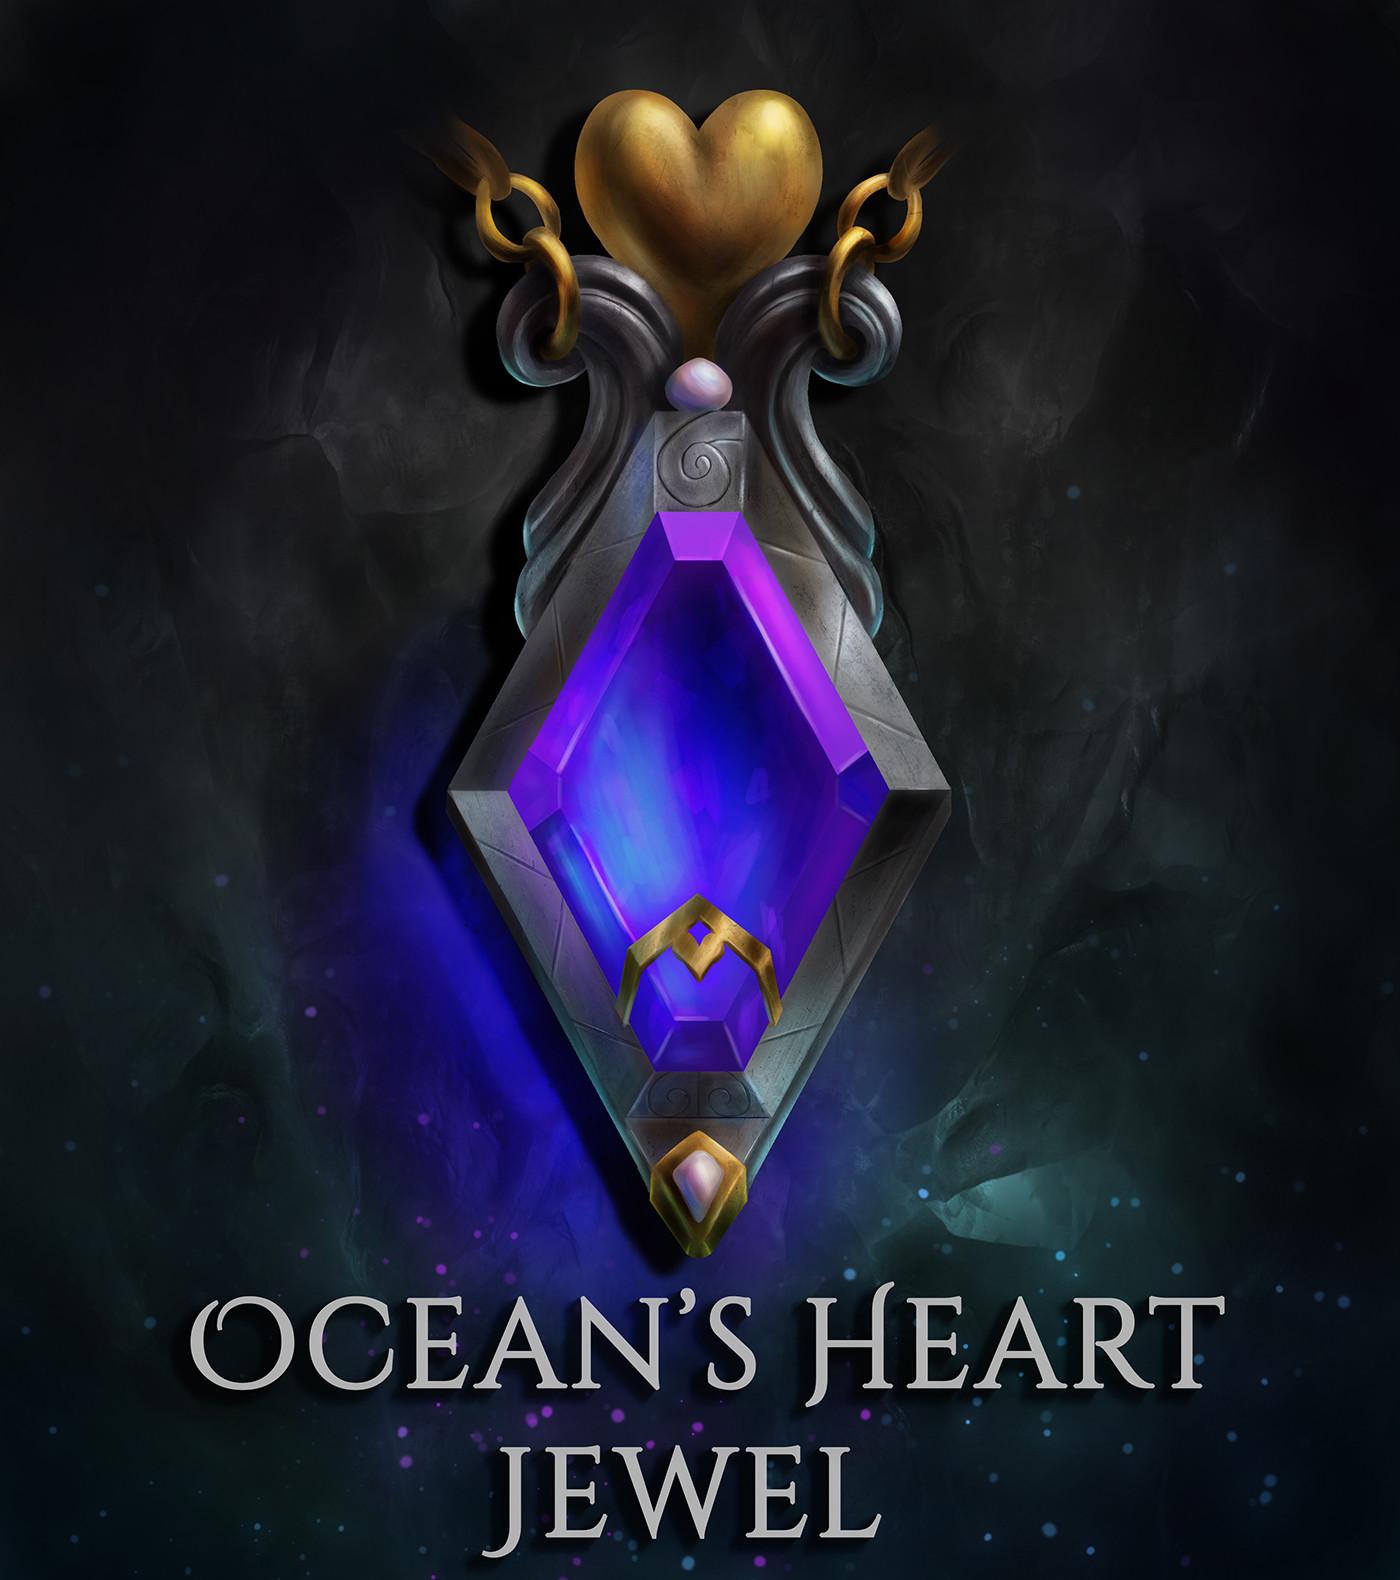 Ocean's Heart Jewel